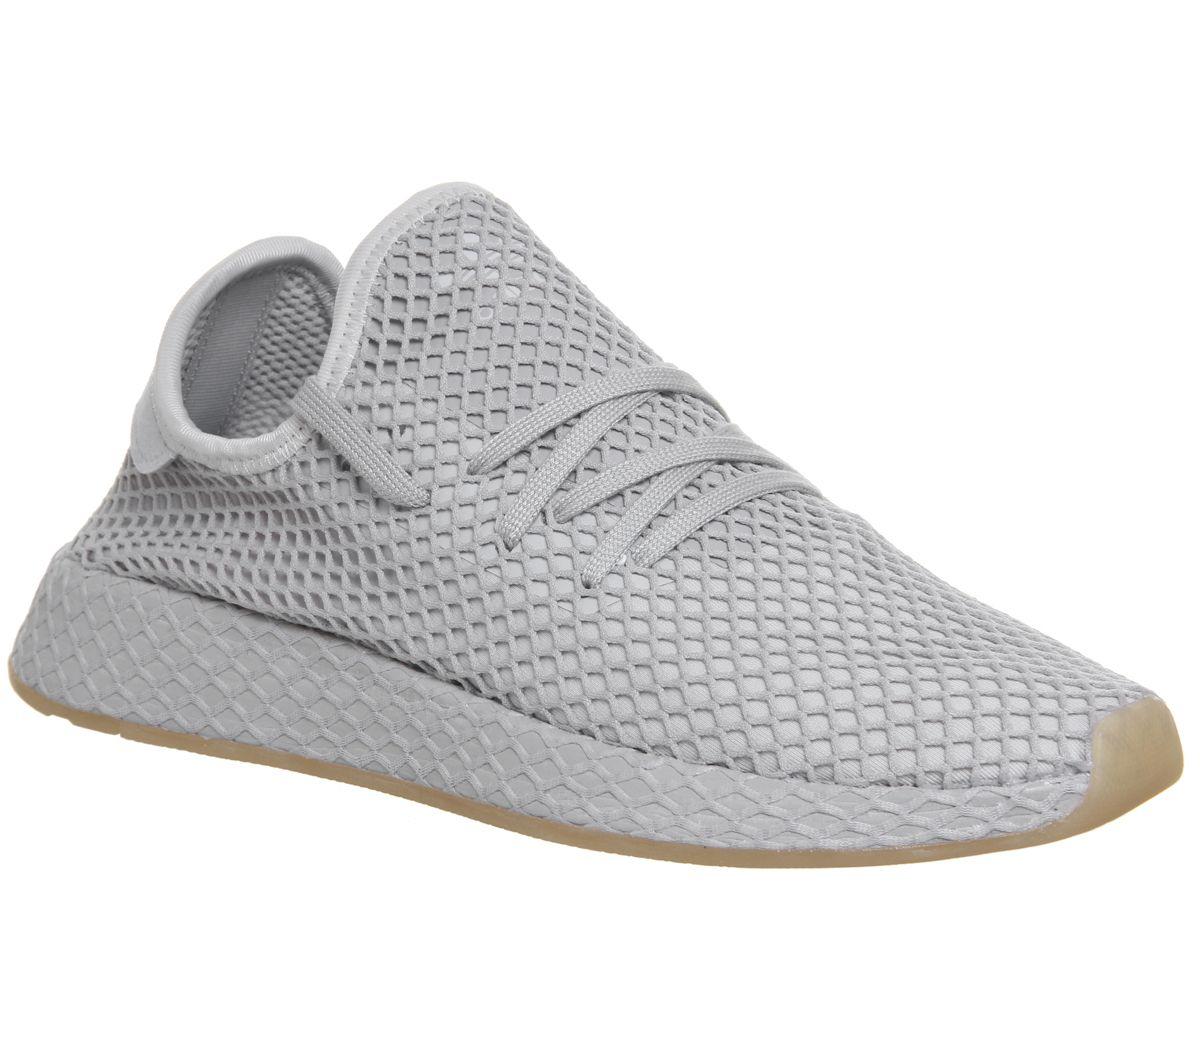 722fa6abd adidas Deerupt Trainers Grey Grey Gum - Unisex Sports